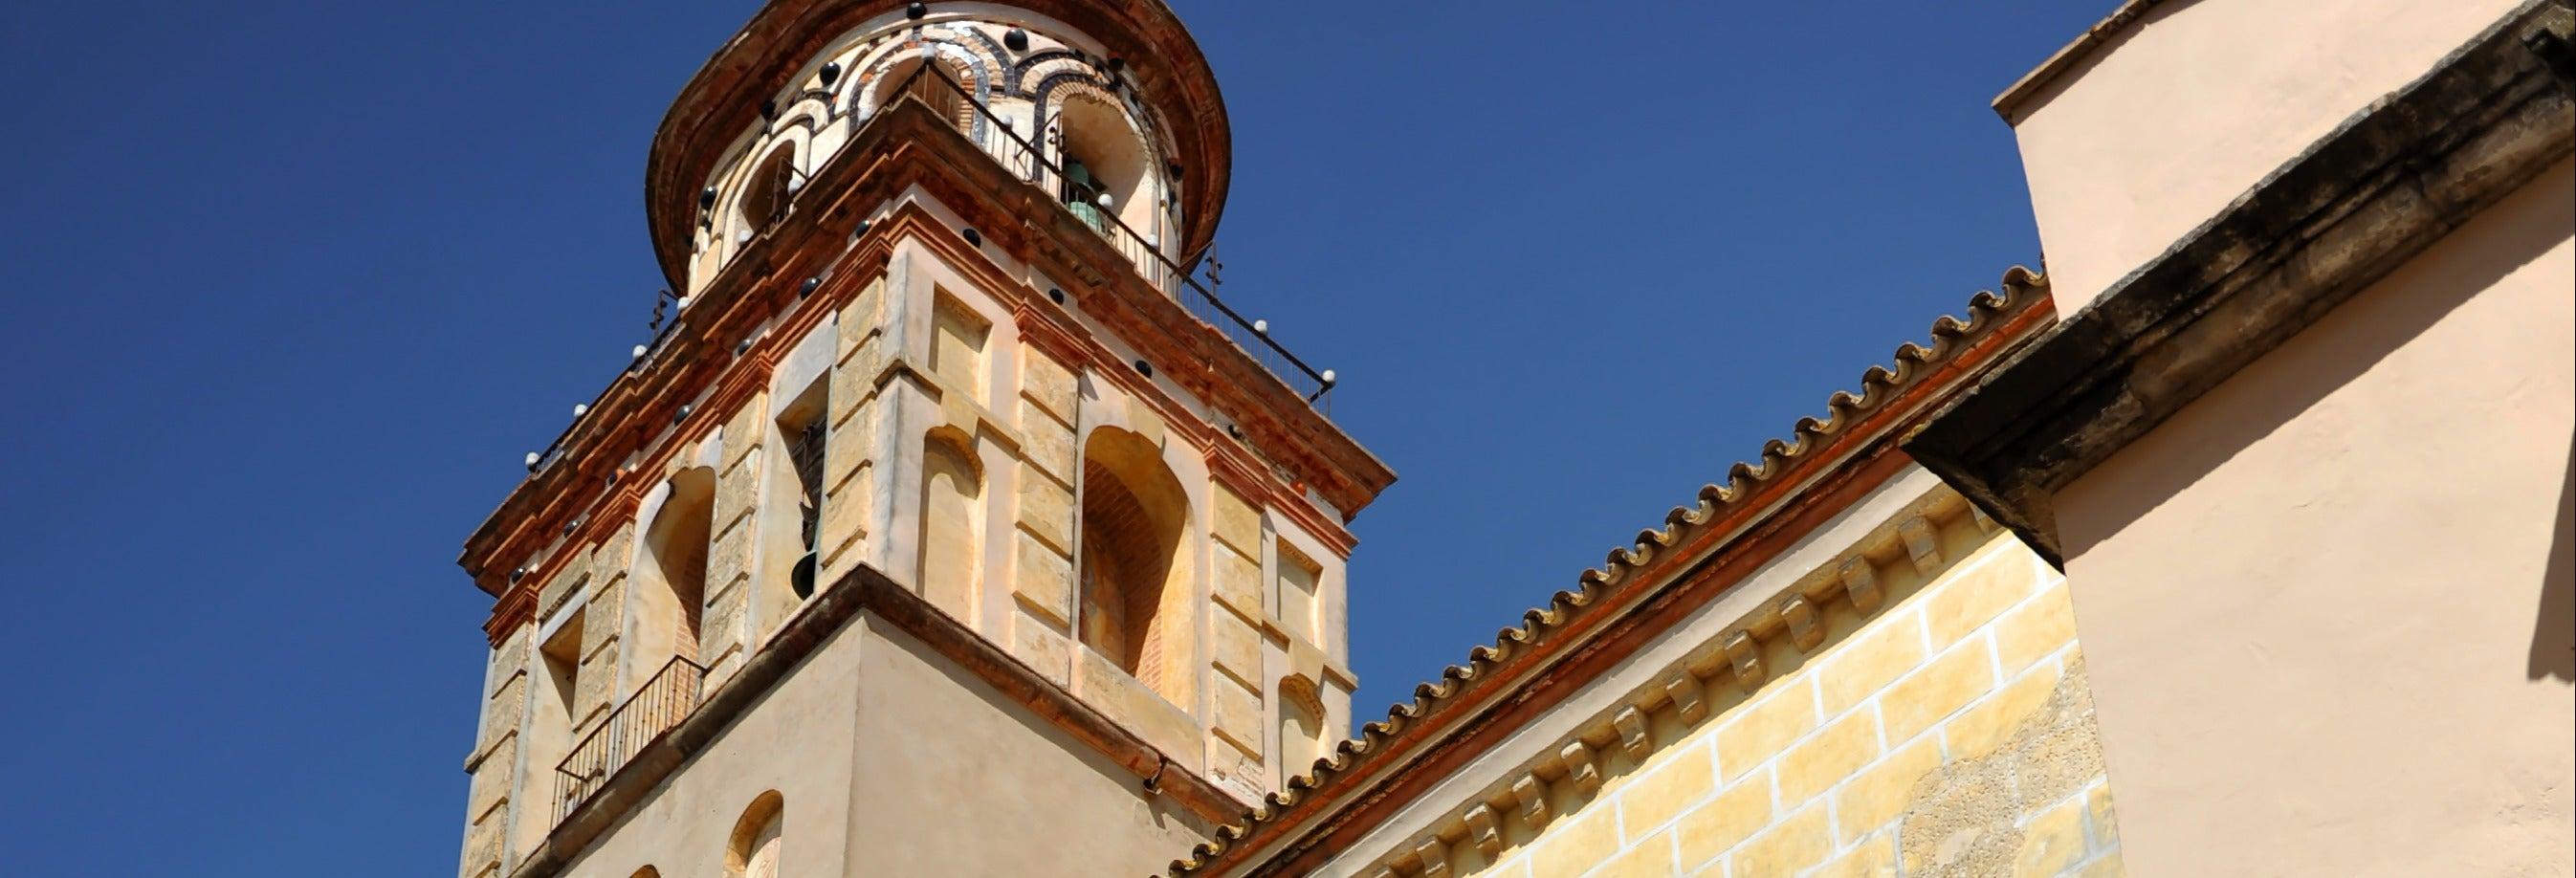 Visite privée dans Sanlúcar, à vous de choisir !